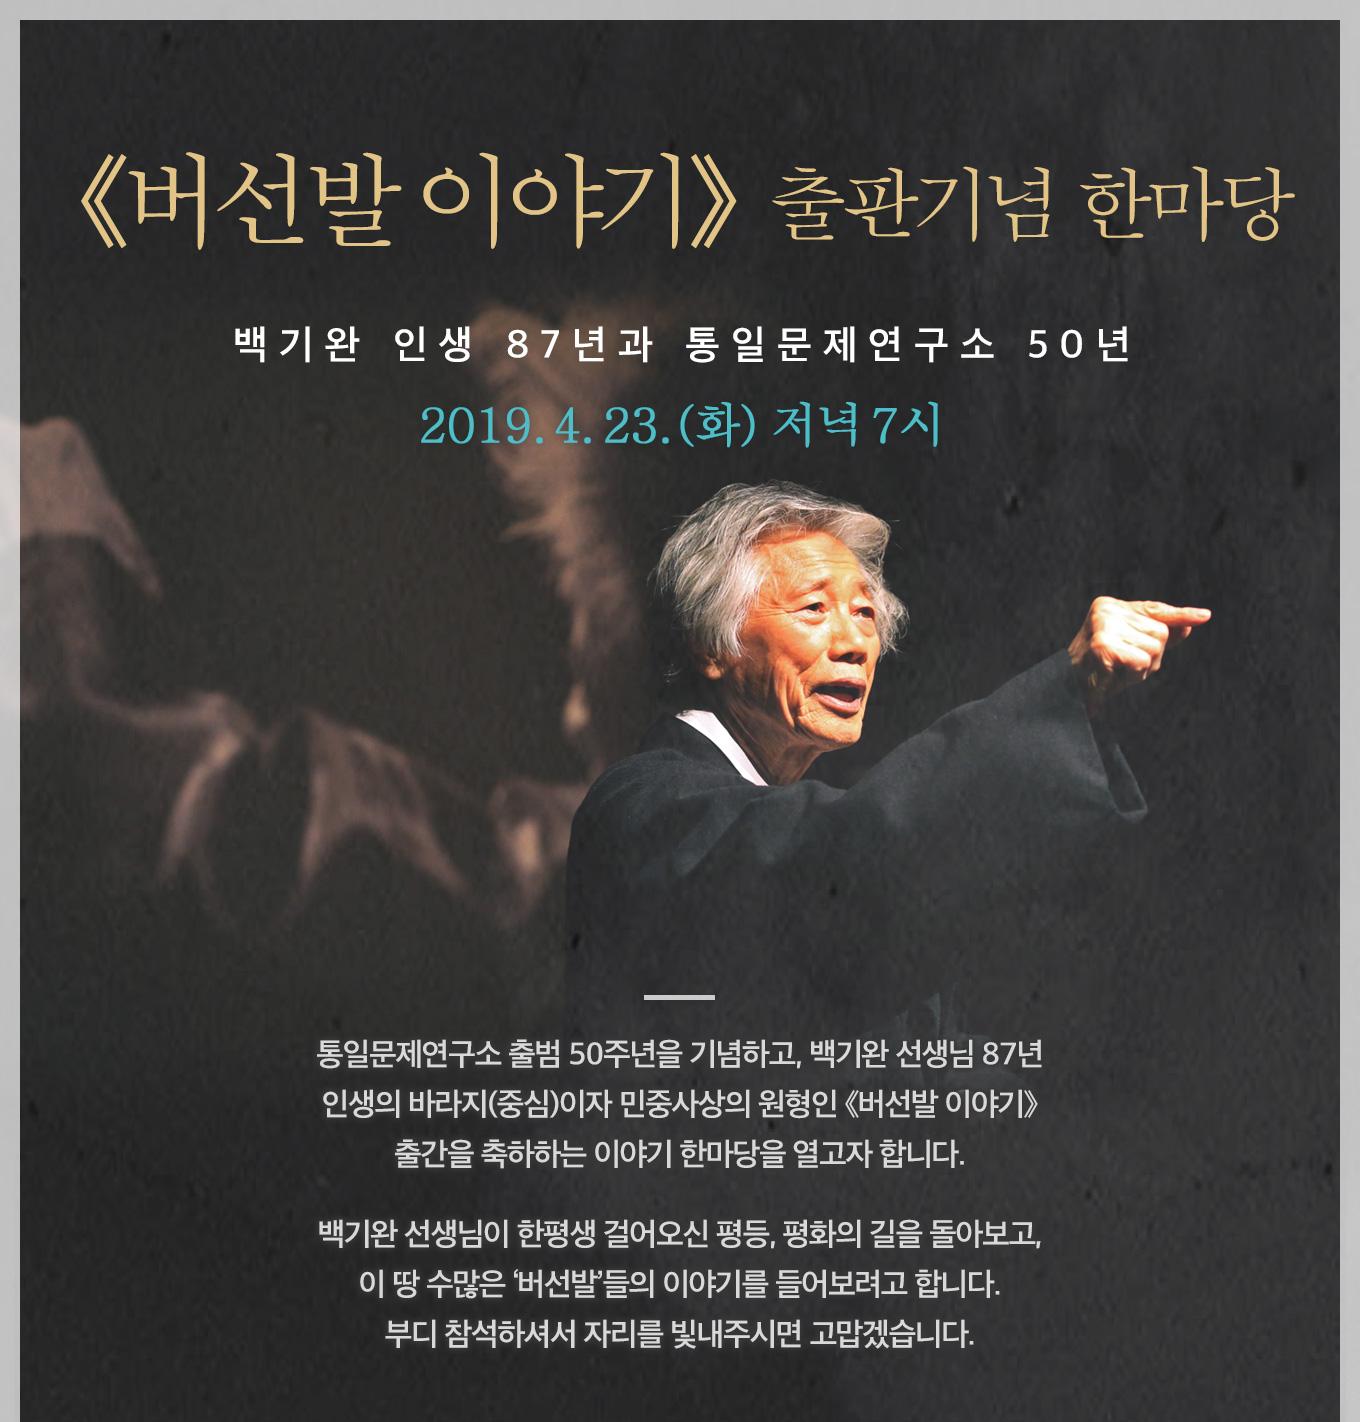 《버선발 이야기》 한마당, 백기완 인생 87년과 통일문제연구소 50년, 2019.4.23.(화) 저녁 7시